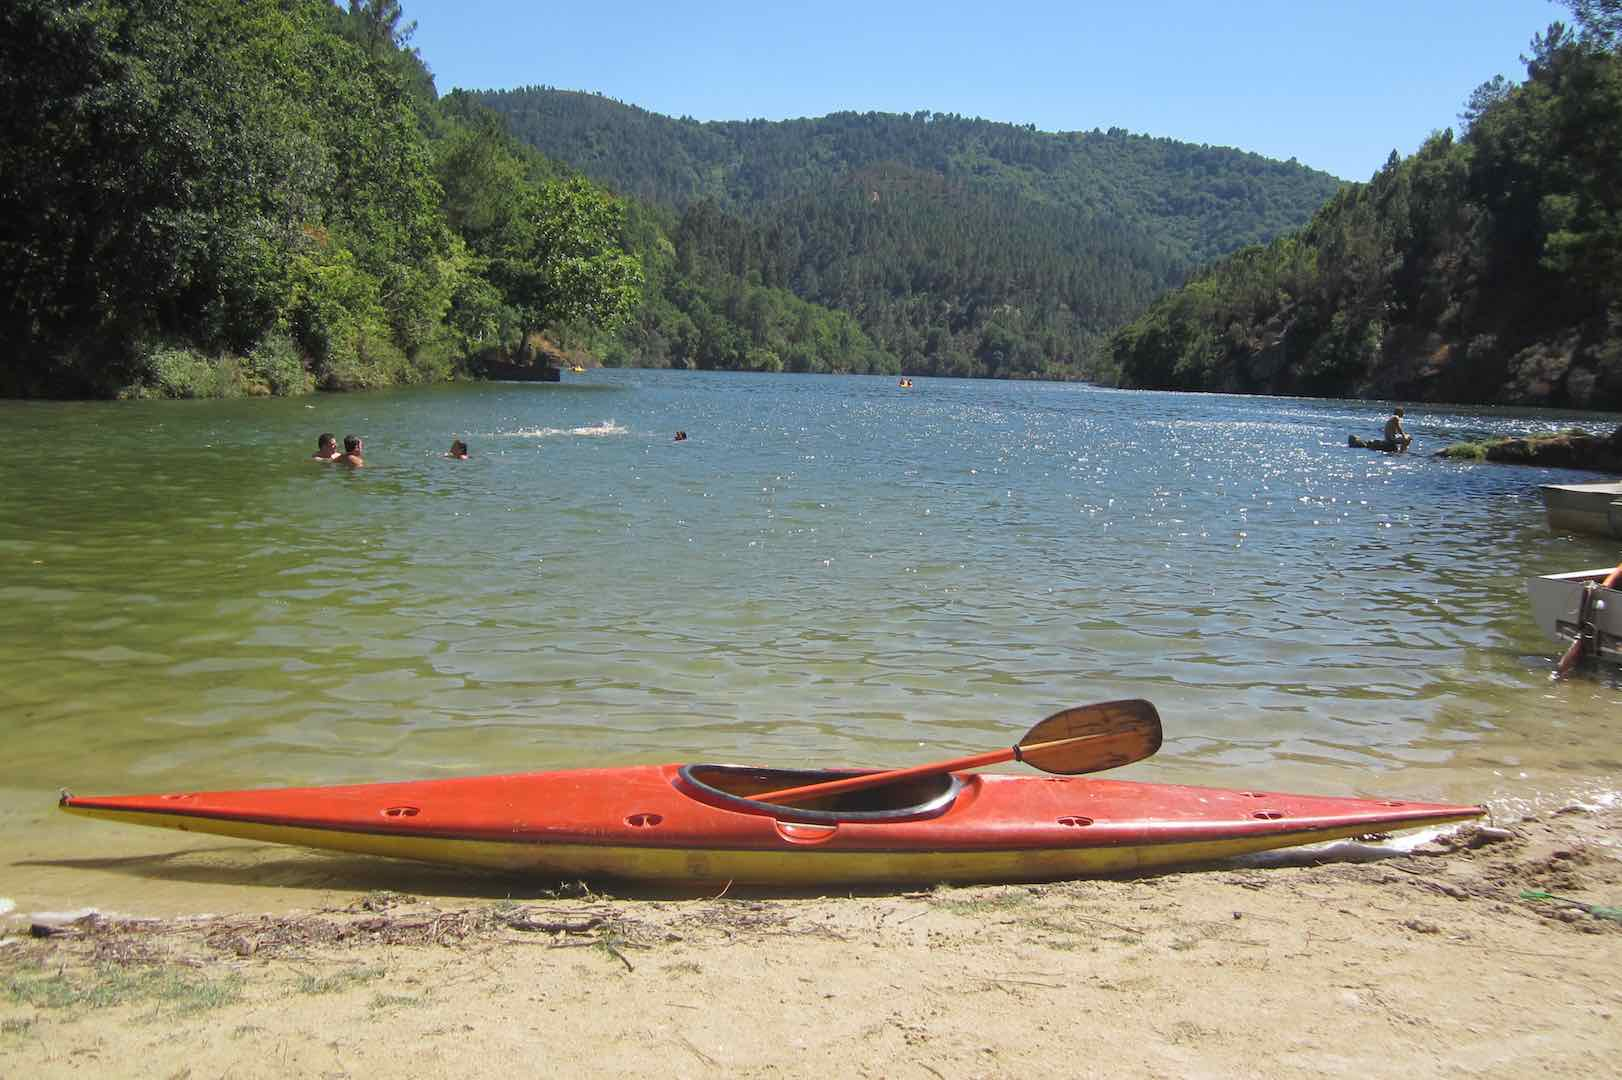 Preparado el kayak para dar una vuelta por el Miño